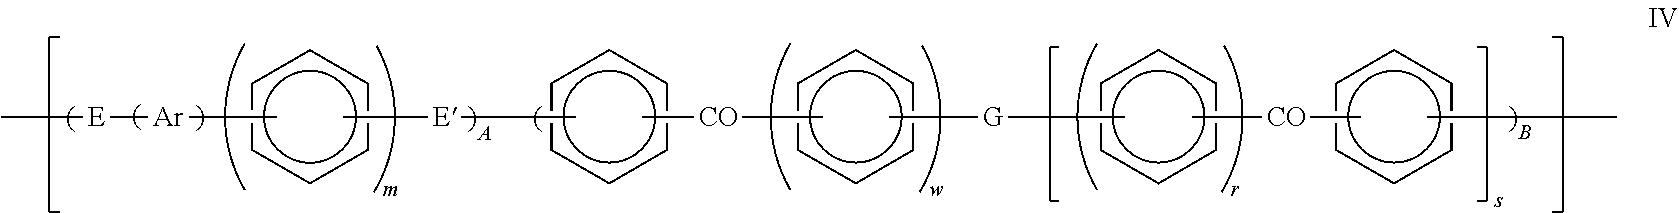 Figure US20110230590A1-20110922-C00001